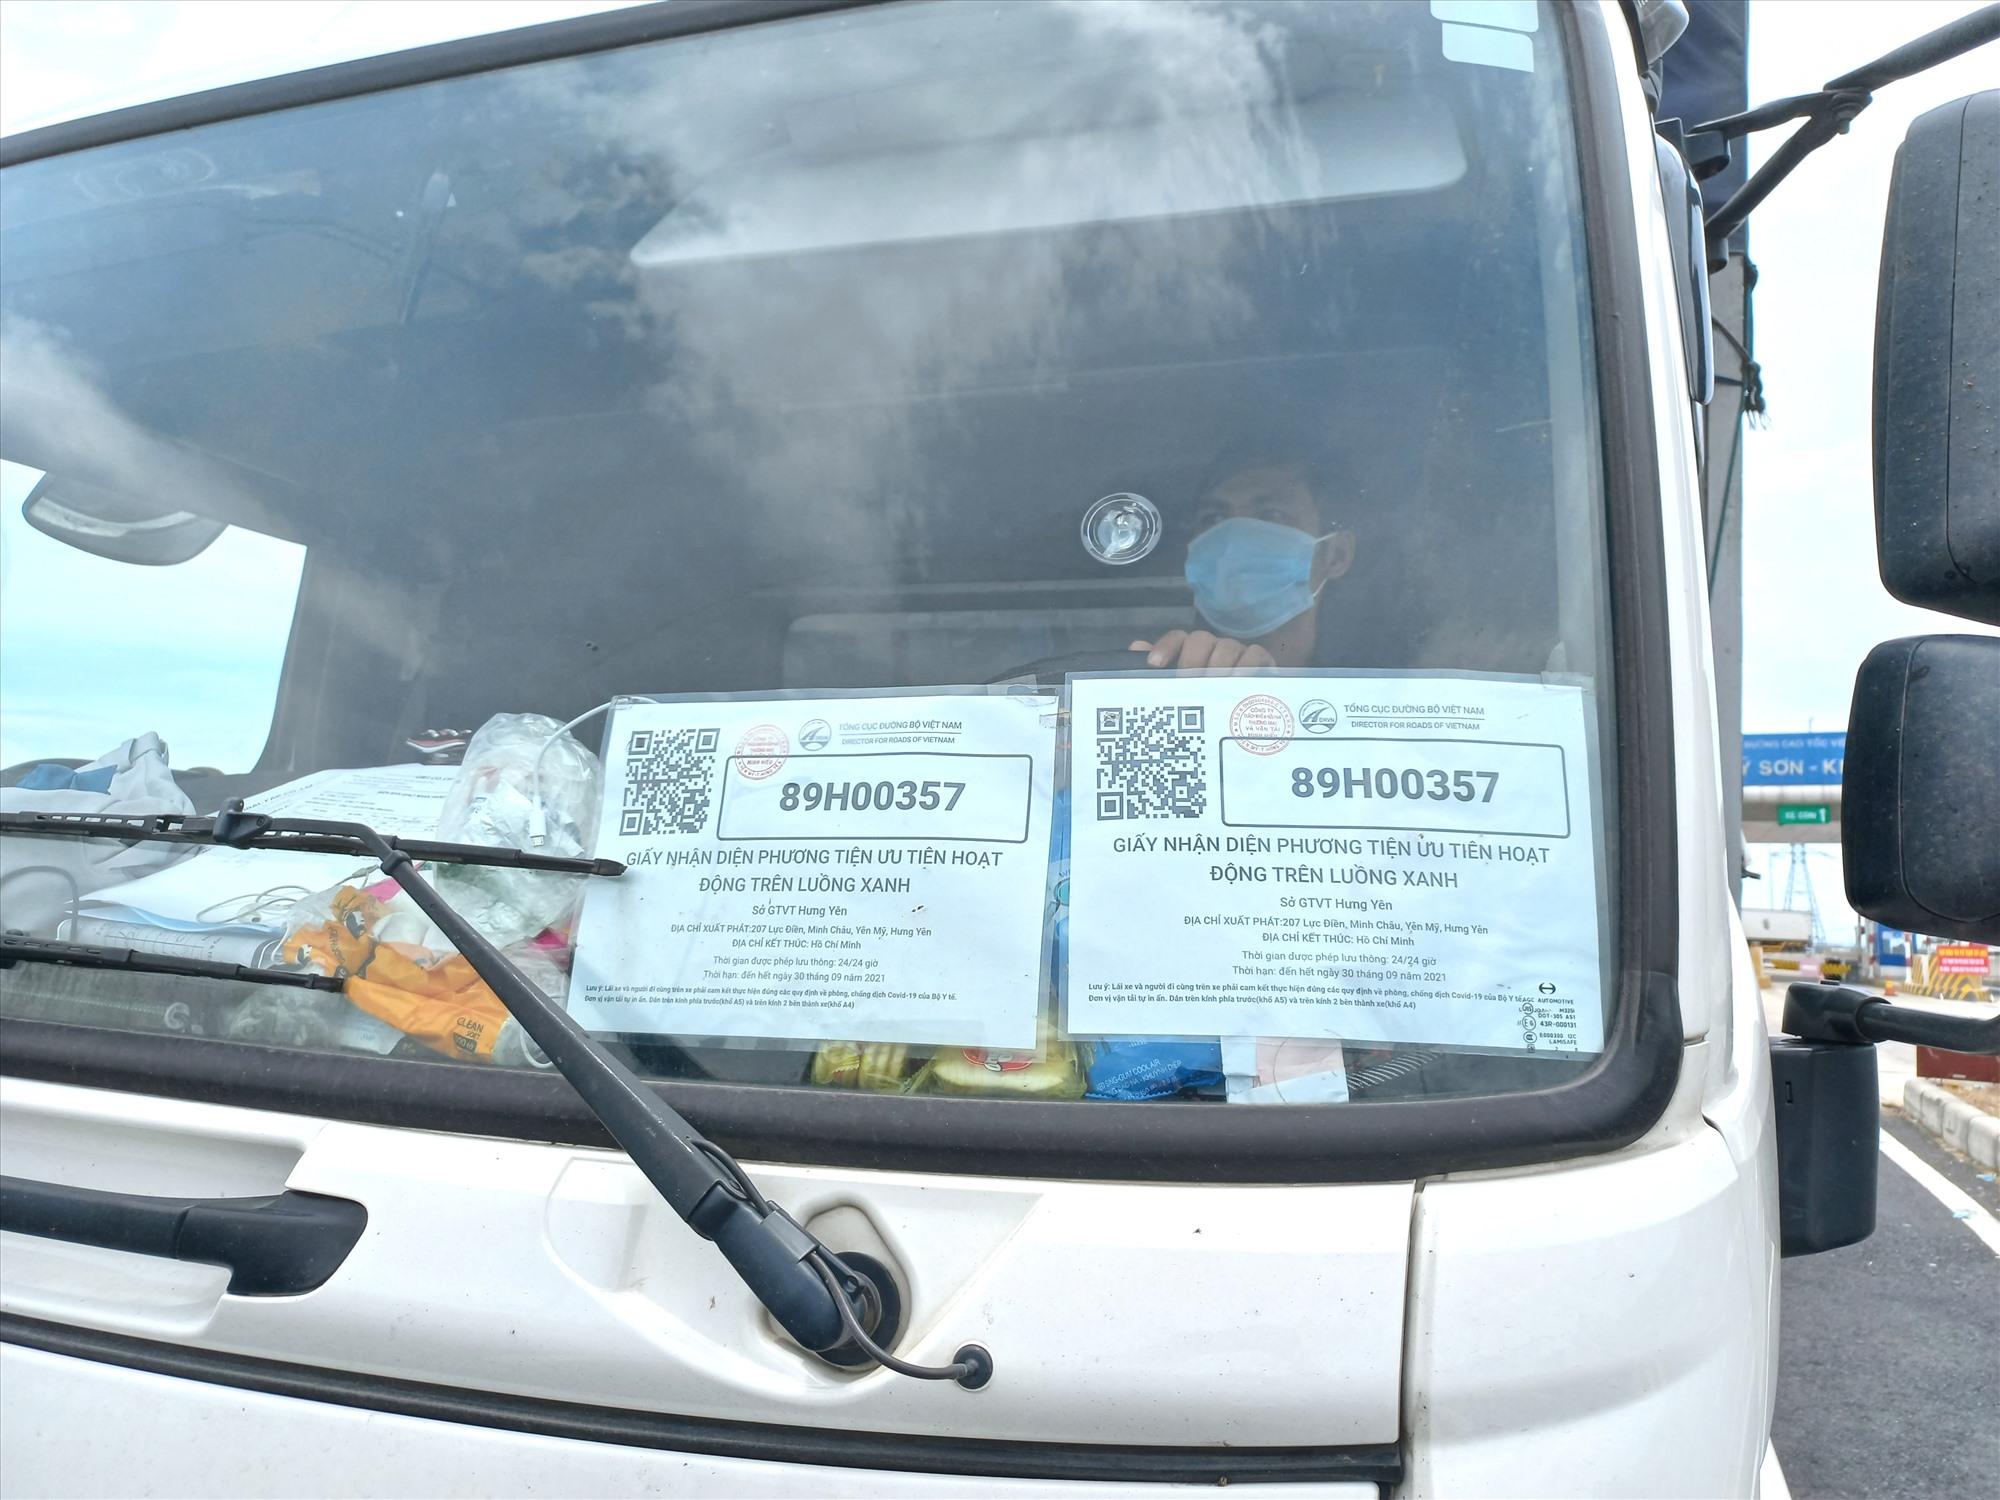 """Xe chở hàng có dán Giấy nhận diện phương tiện ưu tiên hoạt động trên """"Luồng xanh"""" qua chốt kiểm soát tại Quảng Nam. Ảnh: CT"""